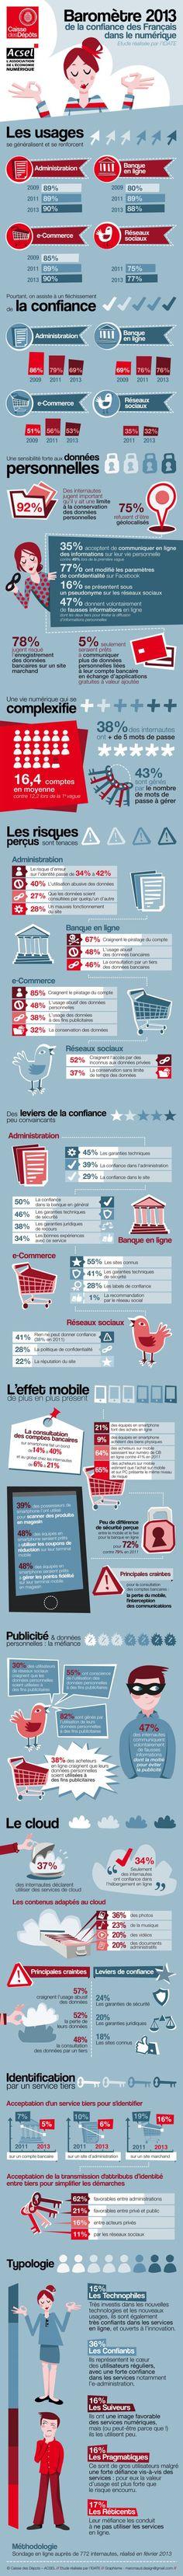 La confiance des Francais dans le #numerique